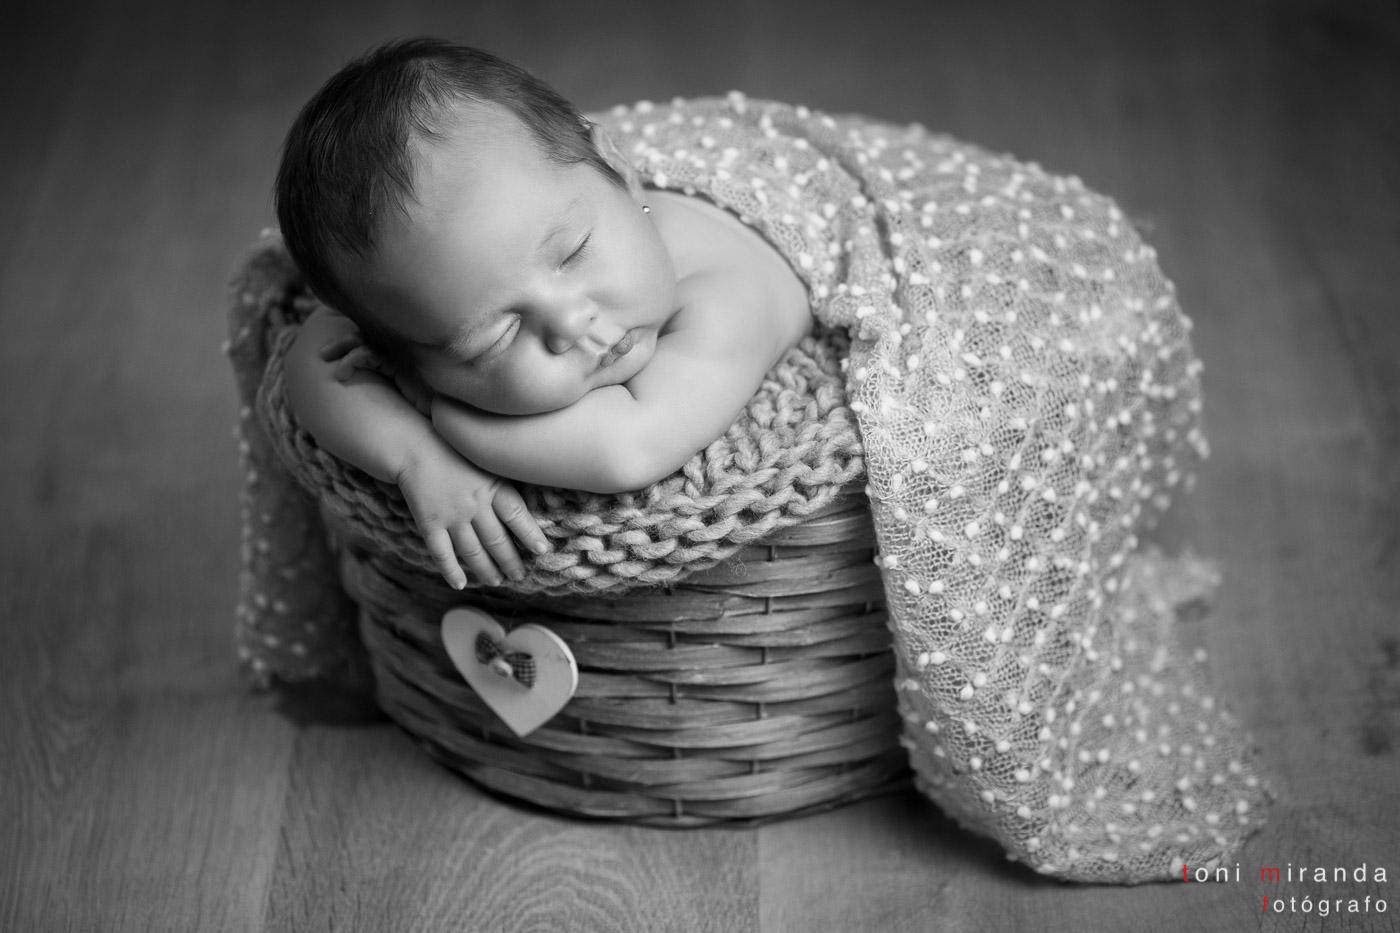 bebe en cesta recien nacida